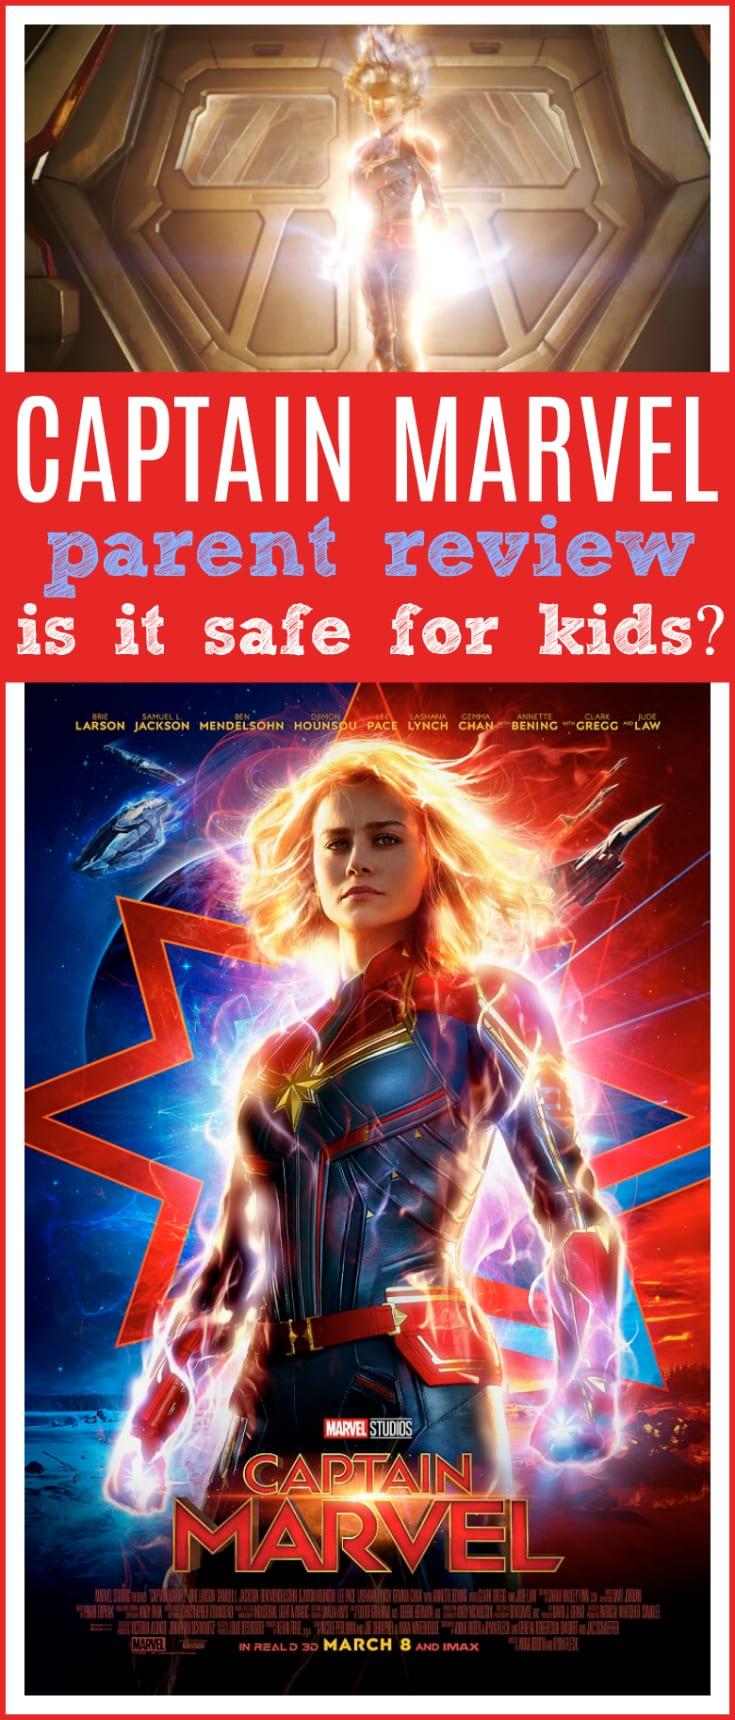 Captain marvel movie review parents